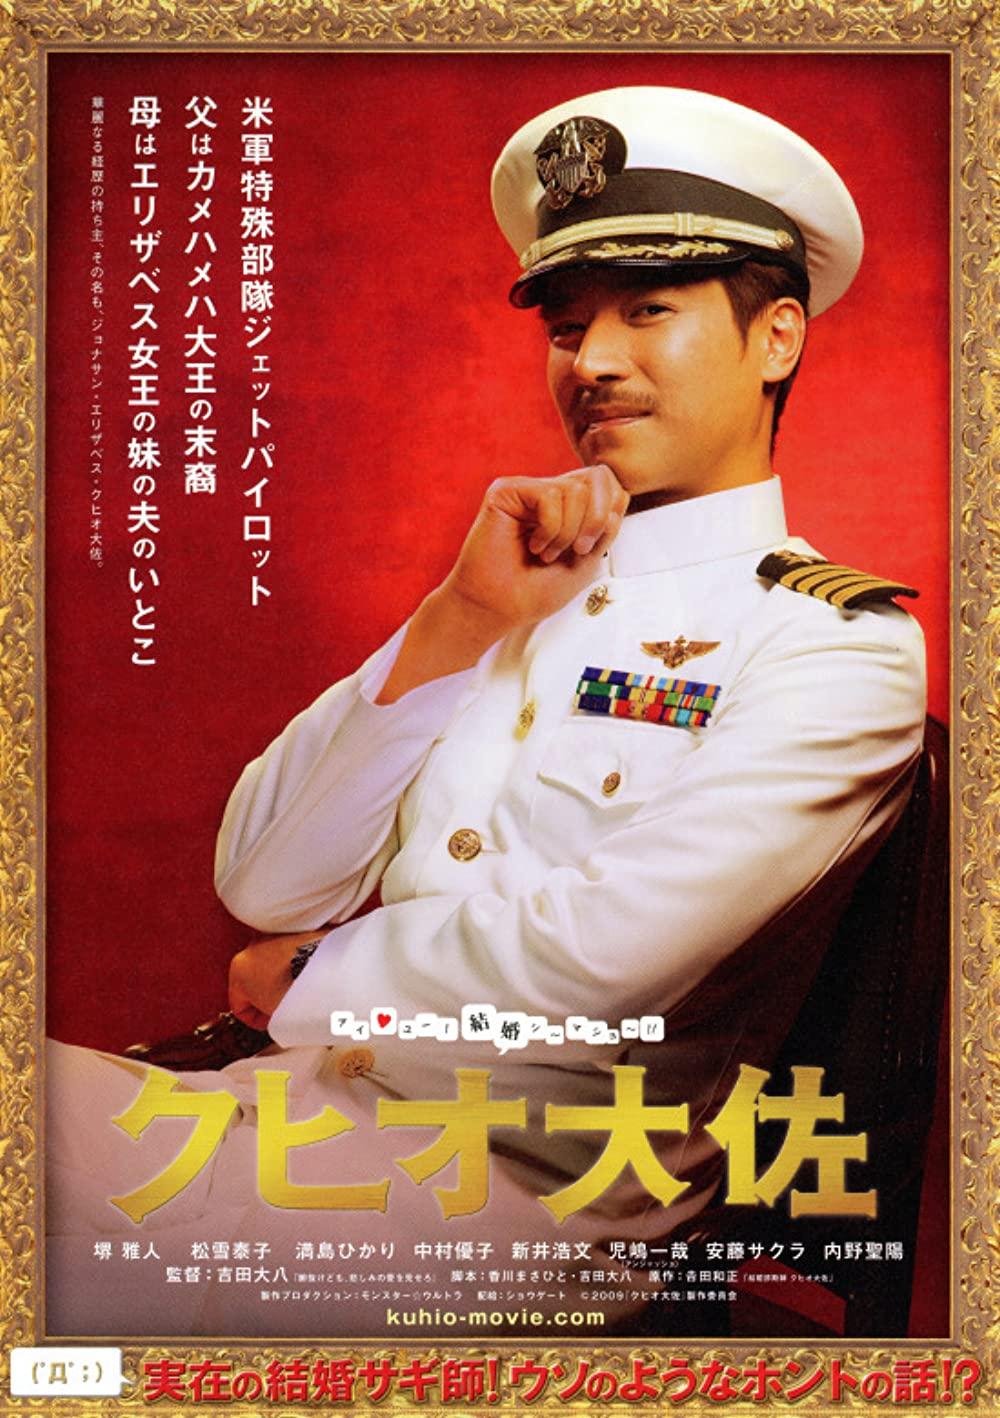 The Wonderful World Of Captain Kuhio